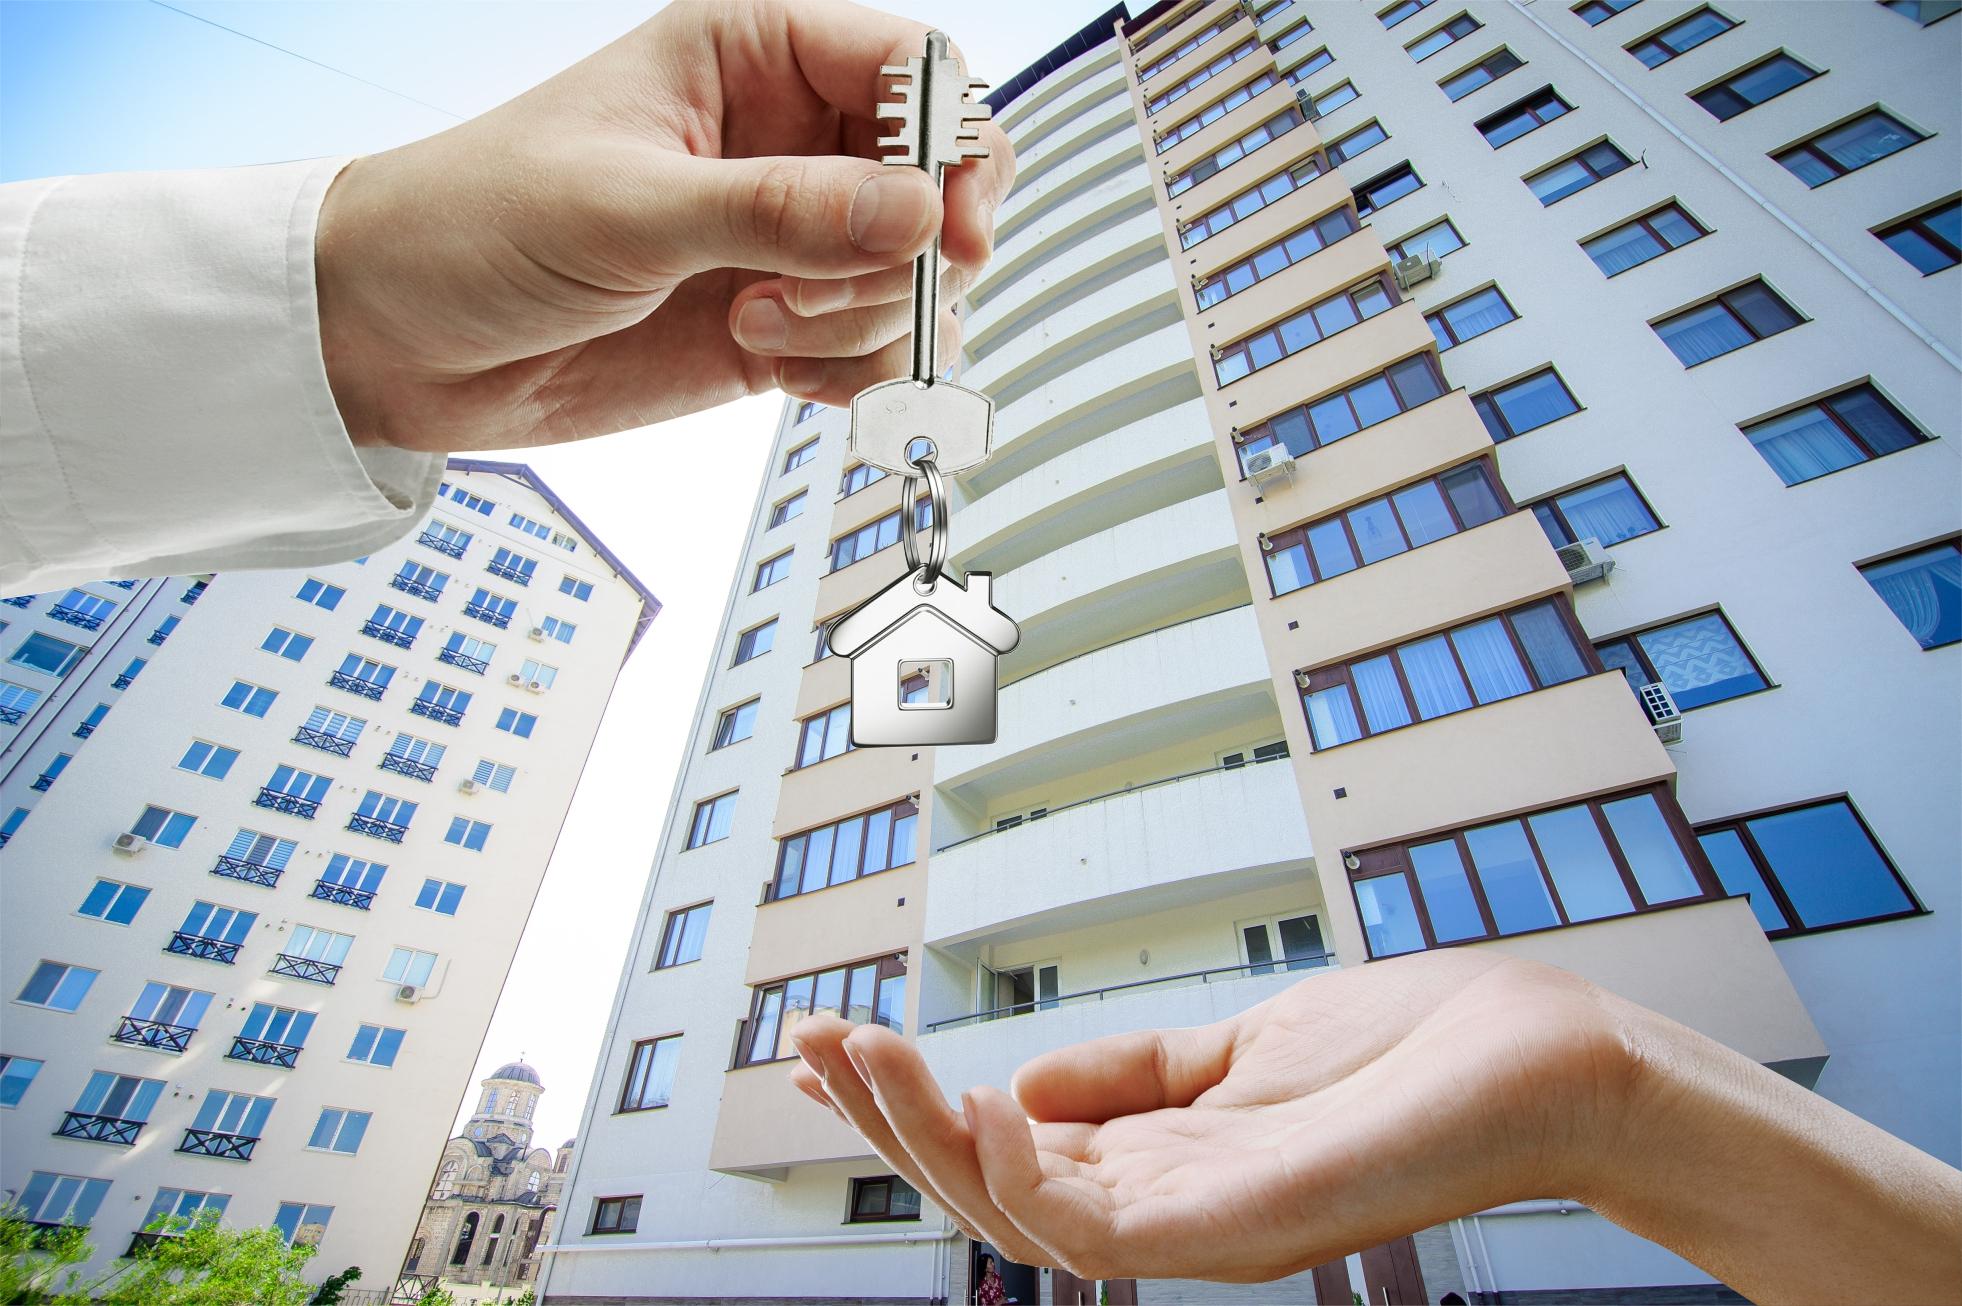 Procurăm apartament in bloc nou. Cum alegem corect?